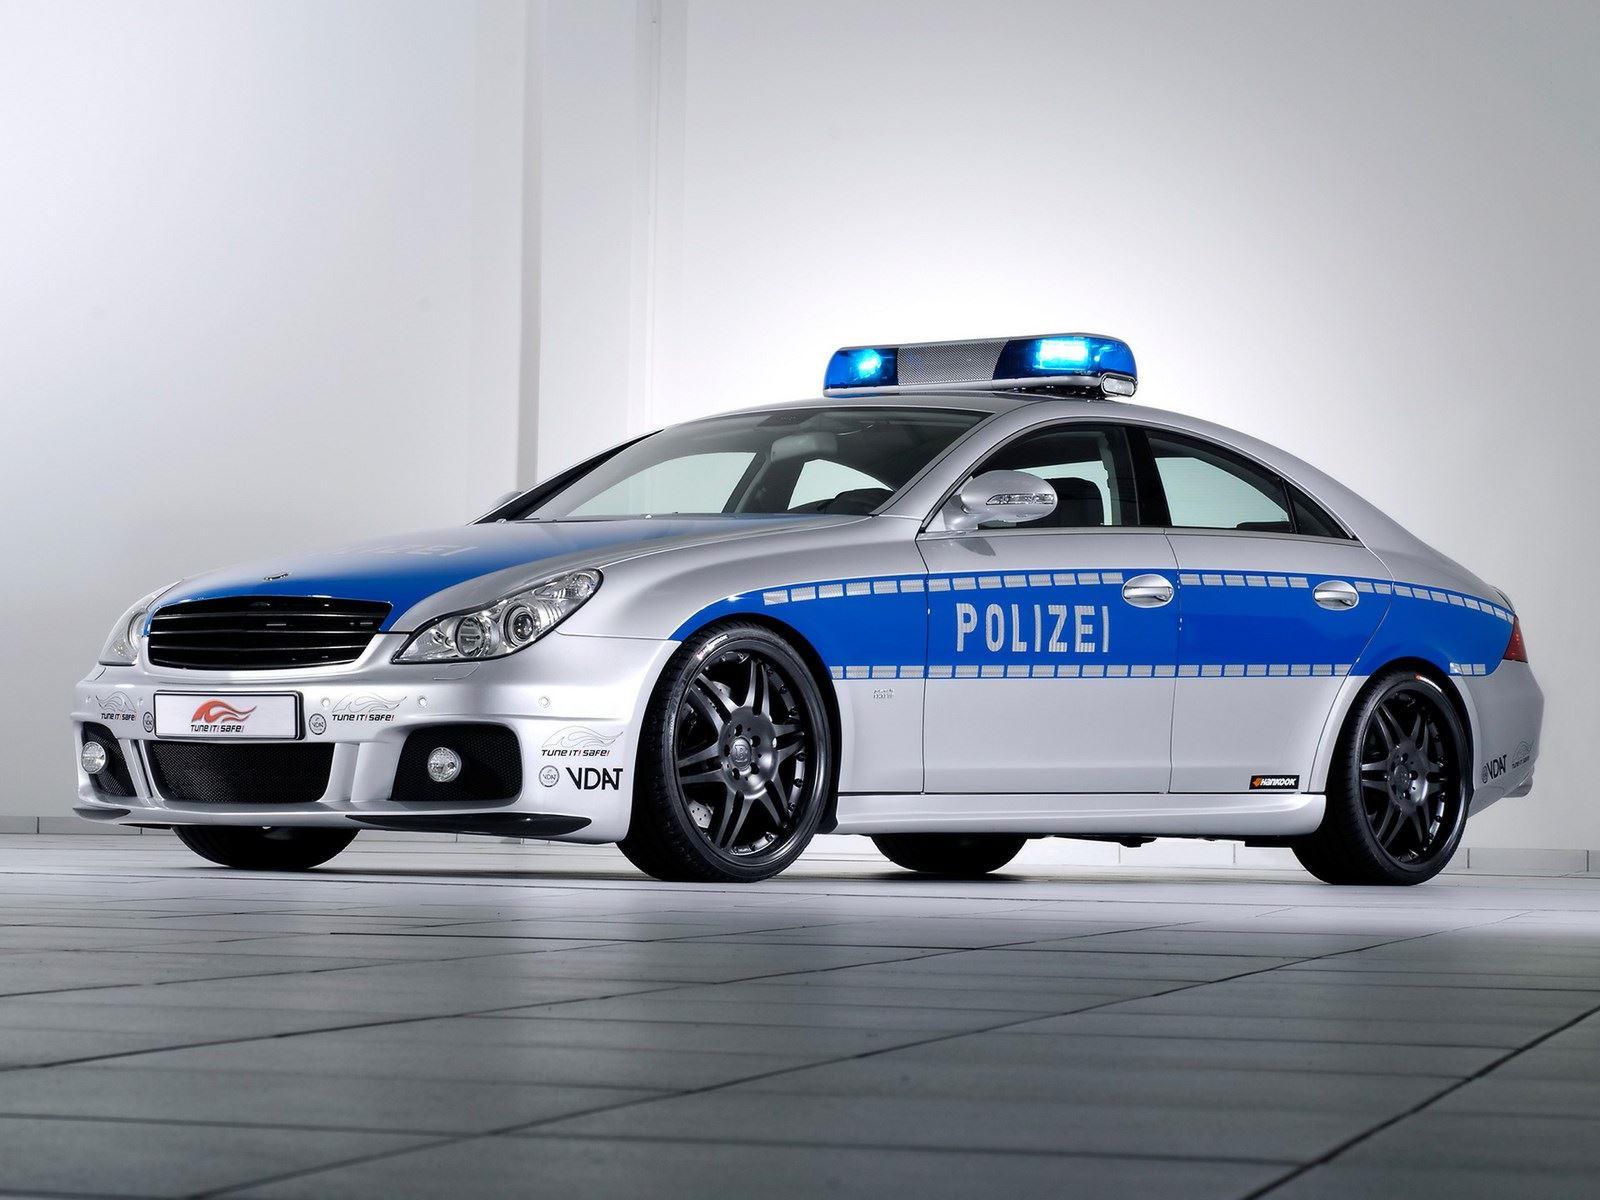 Vozni park policije širom sveta